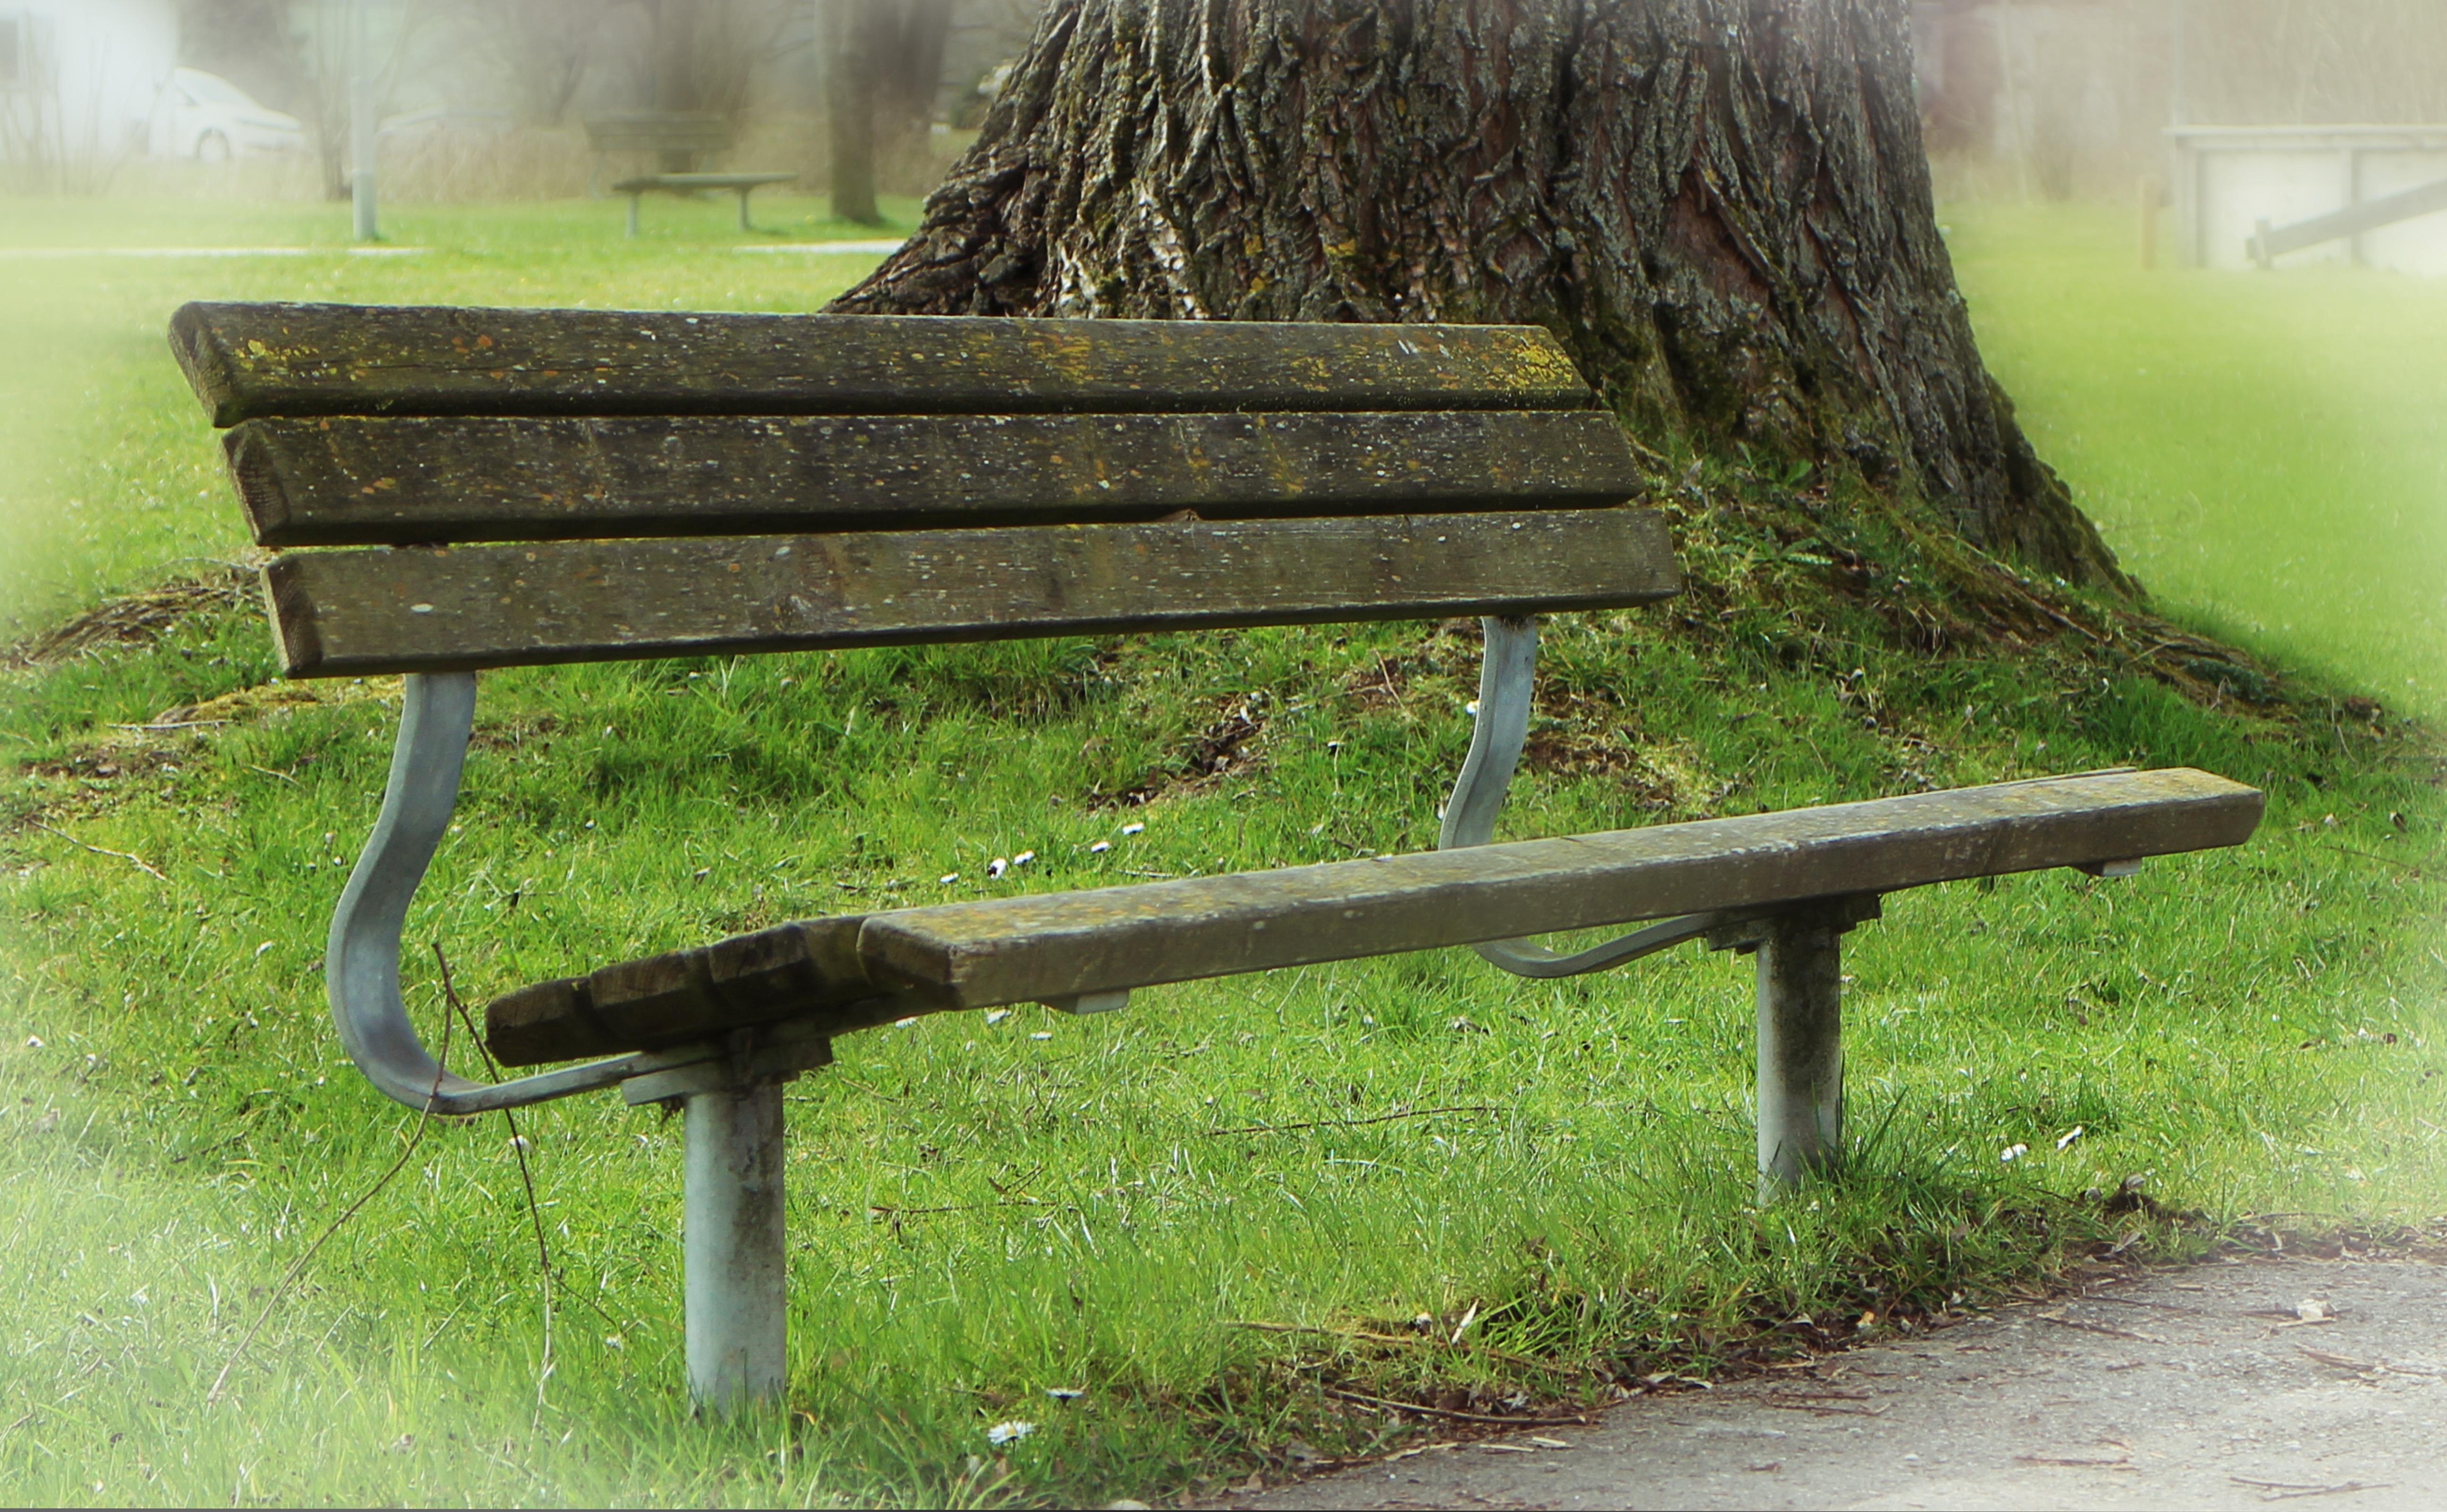 Fotos gratis : mesa, madera, banco, silla, asiento, verde, descanso ...